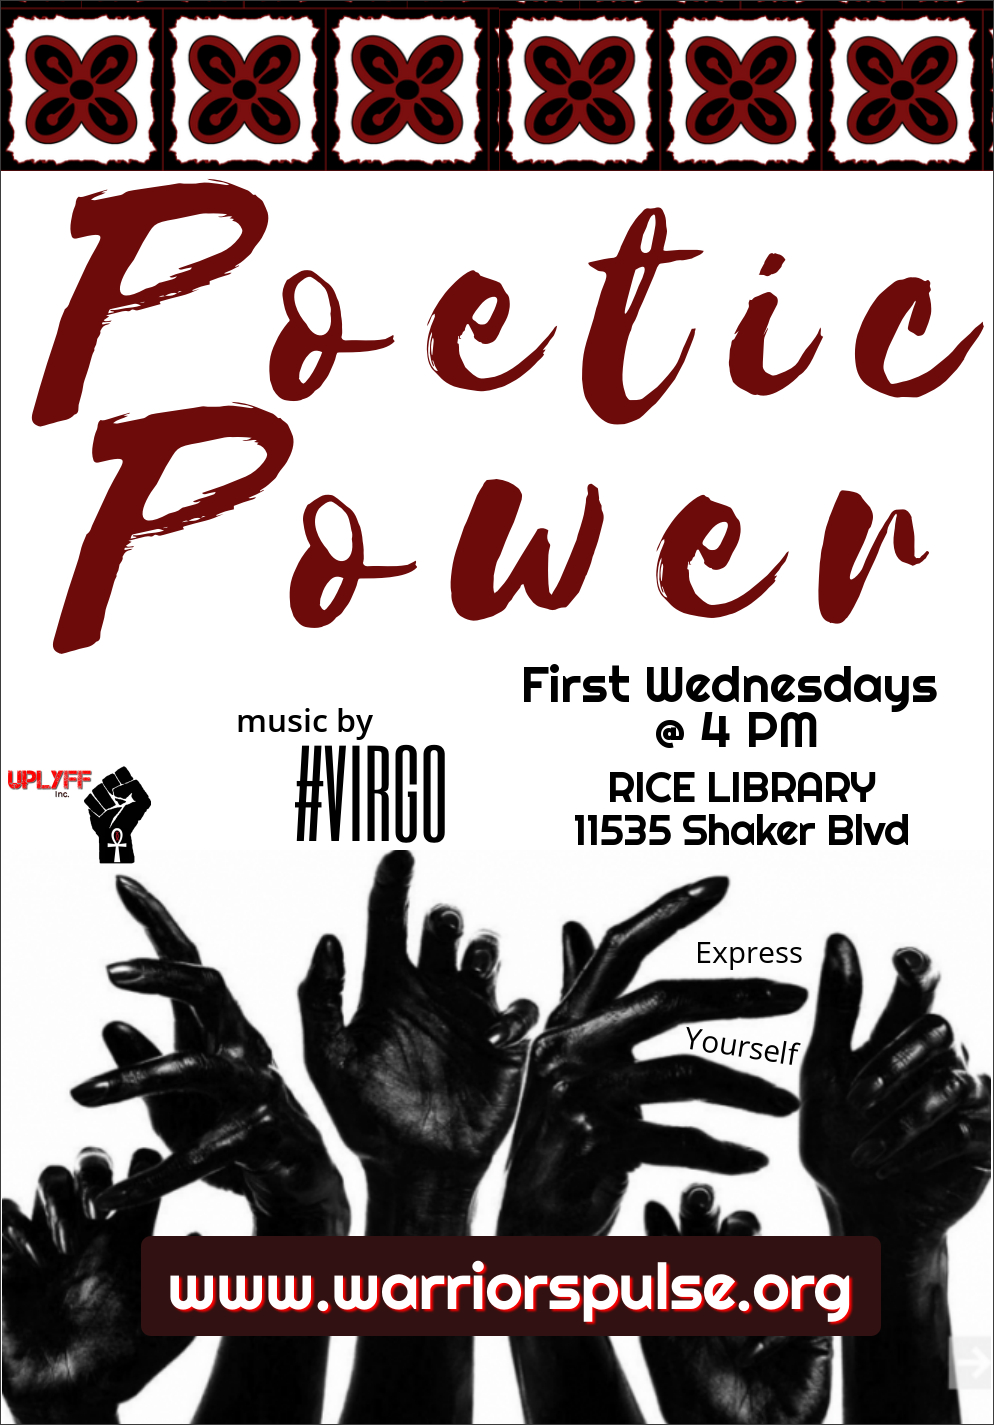 Poetic-Power-1 (1).jpg